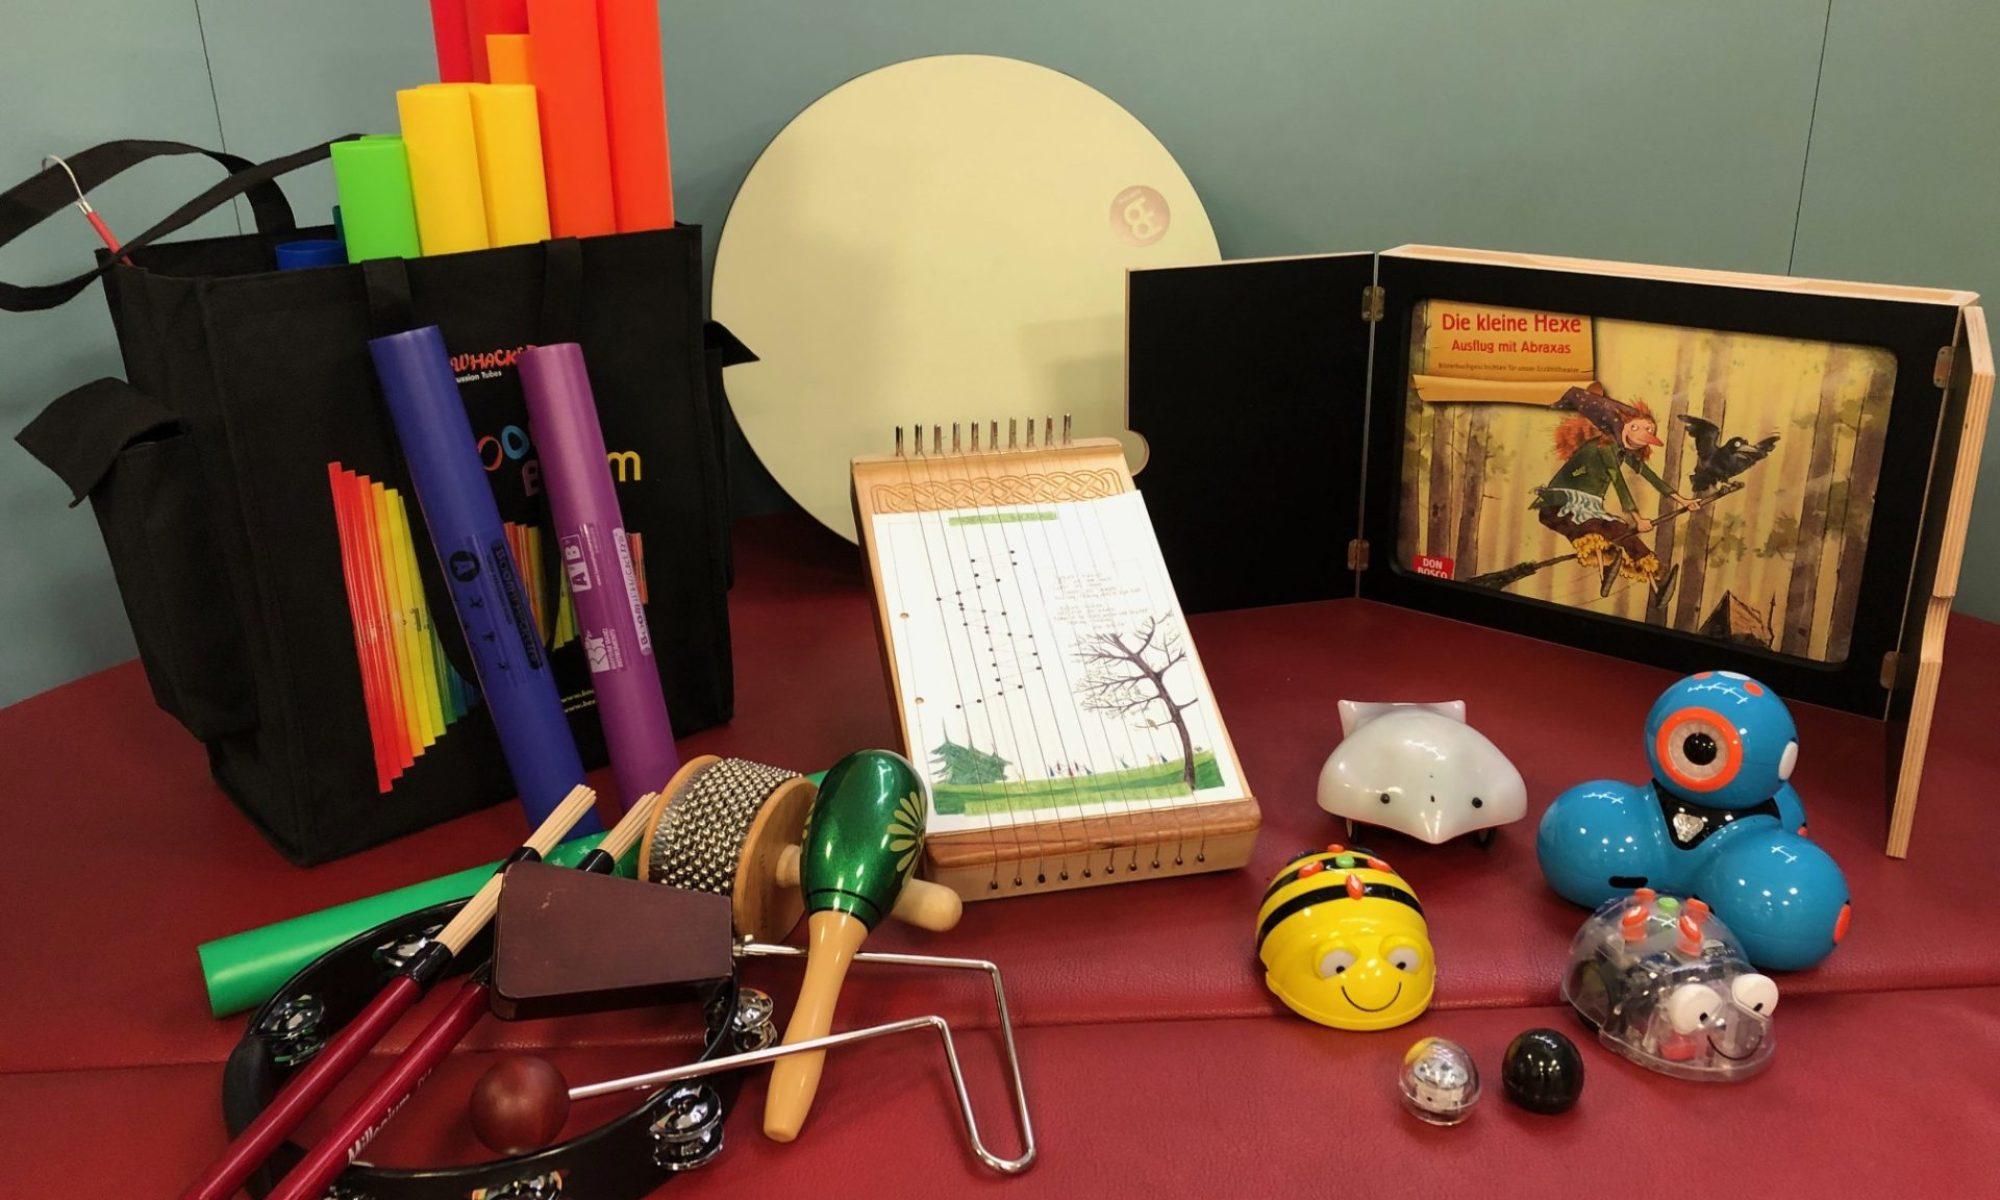 """Ein Tisch mit Instrumenten, Lernrobotern und einem Bilderbuchkino. Zu den Instrumenten gehören Rasseln, ein Tamburin, eine Tischharfe, eine Trommel und bunte Röhren verschiedener Länge. Die Lernroboter haben die Form von Käfern, Vögeln und Kugeln und bewegen sich auf Rollen. Im Rahmen des Bilderbuchkinos sieht man die Geschichte """"Die kleine Hexe""""."""